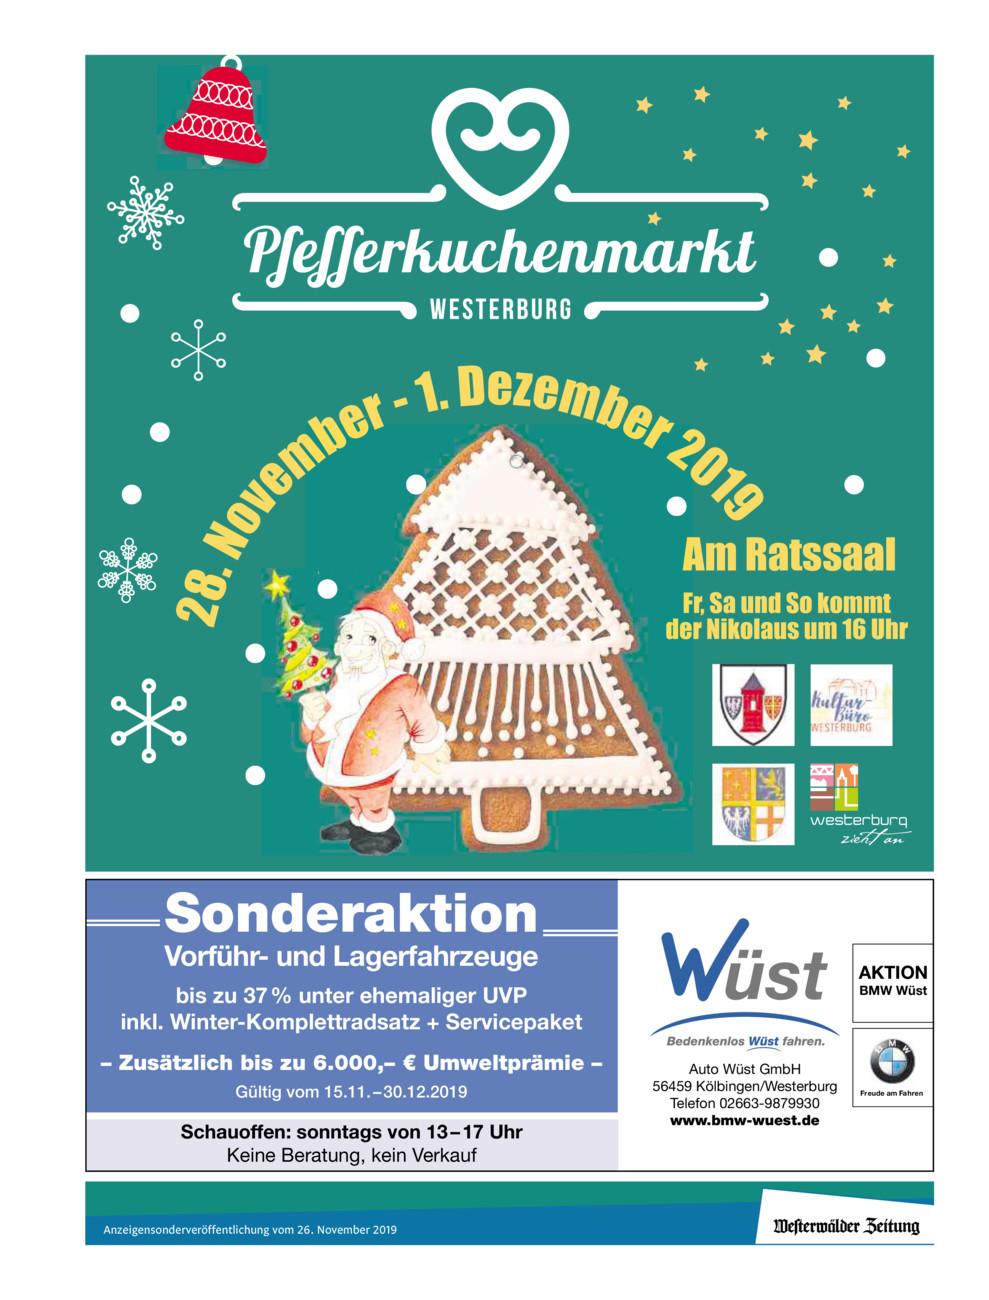 Pfefferkuchenmarkt Westerburg 2019